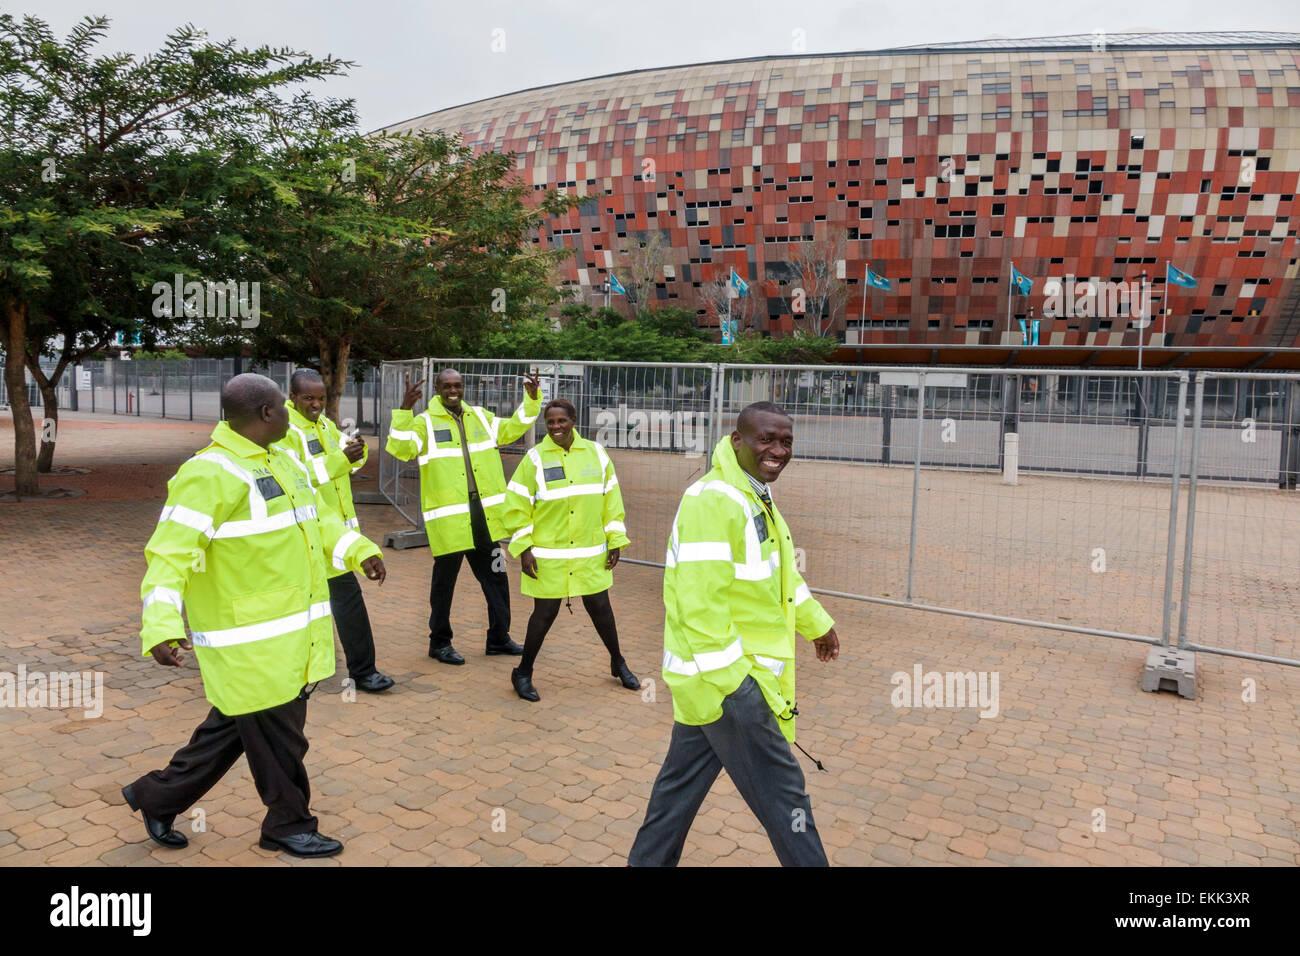 Afrique Afrique du Sud Johannesburg Nasrec FNB Soccer City Stadium La calebasse homme femme noir collègues Photo Stock